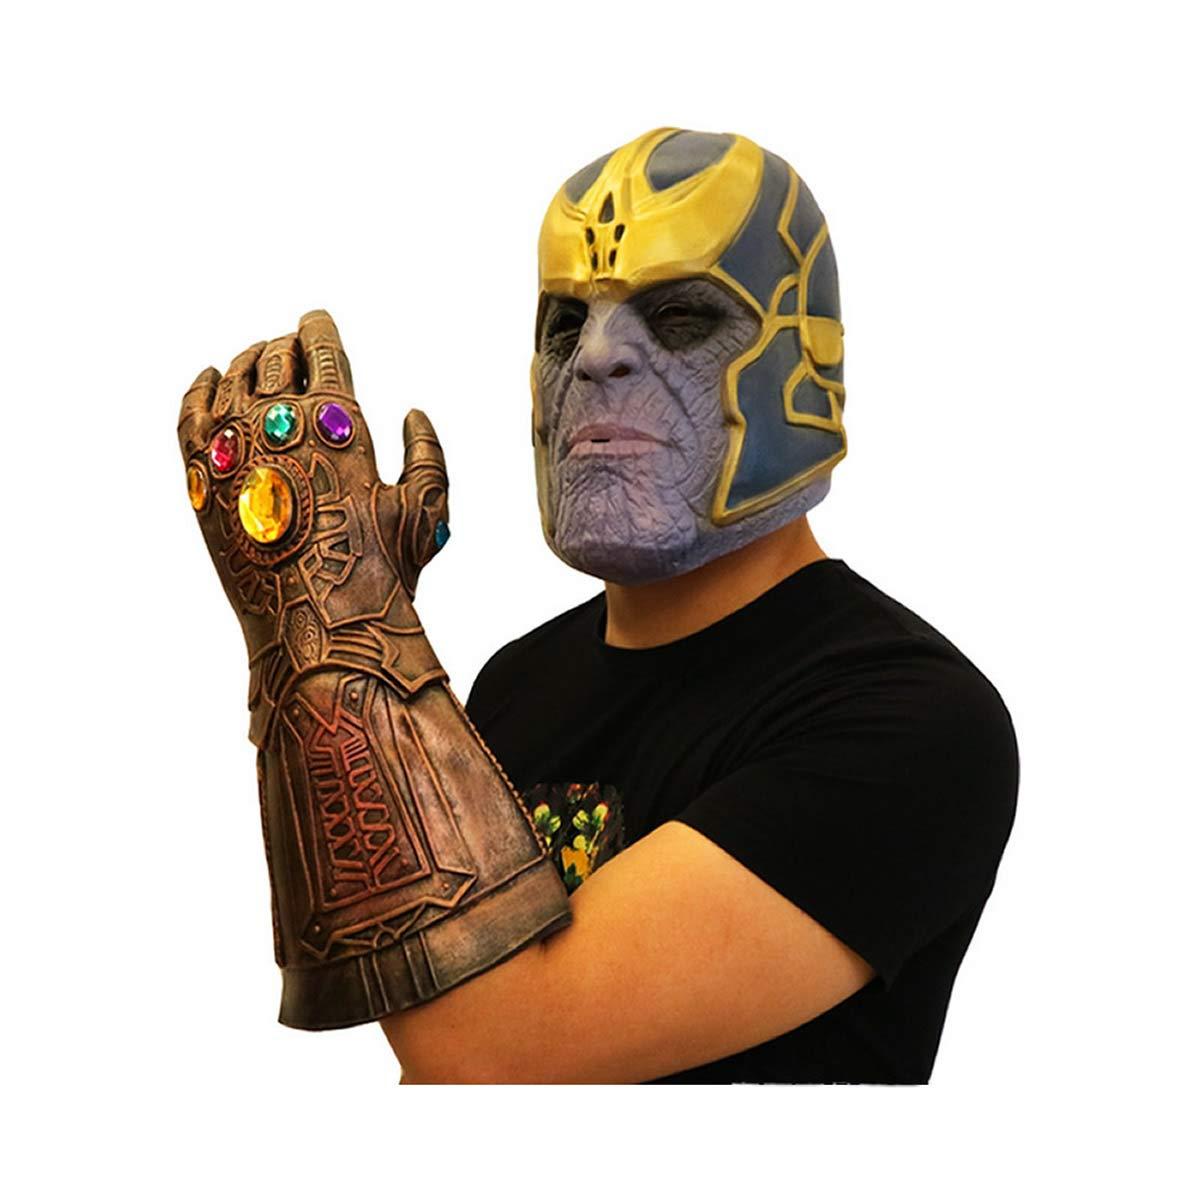 Hcoser Avengers Infinity War Cosplay Thanos Maske Halloween Kostüm Party Requisiten Latexmaske Handschuh mit Licht